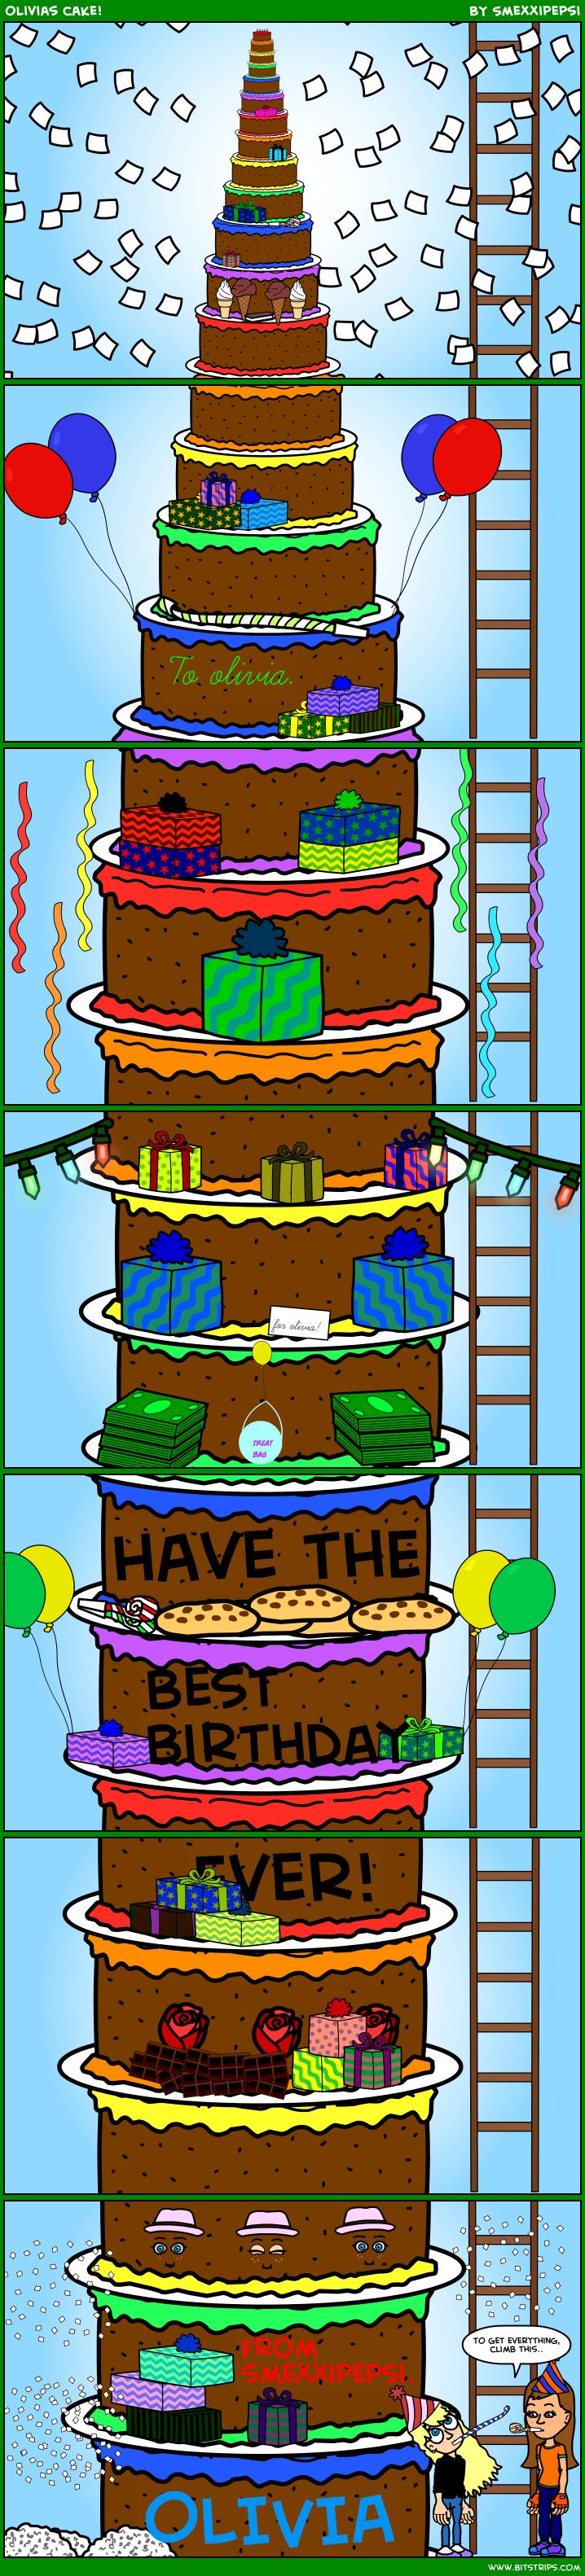 olivias cake!